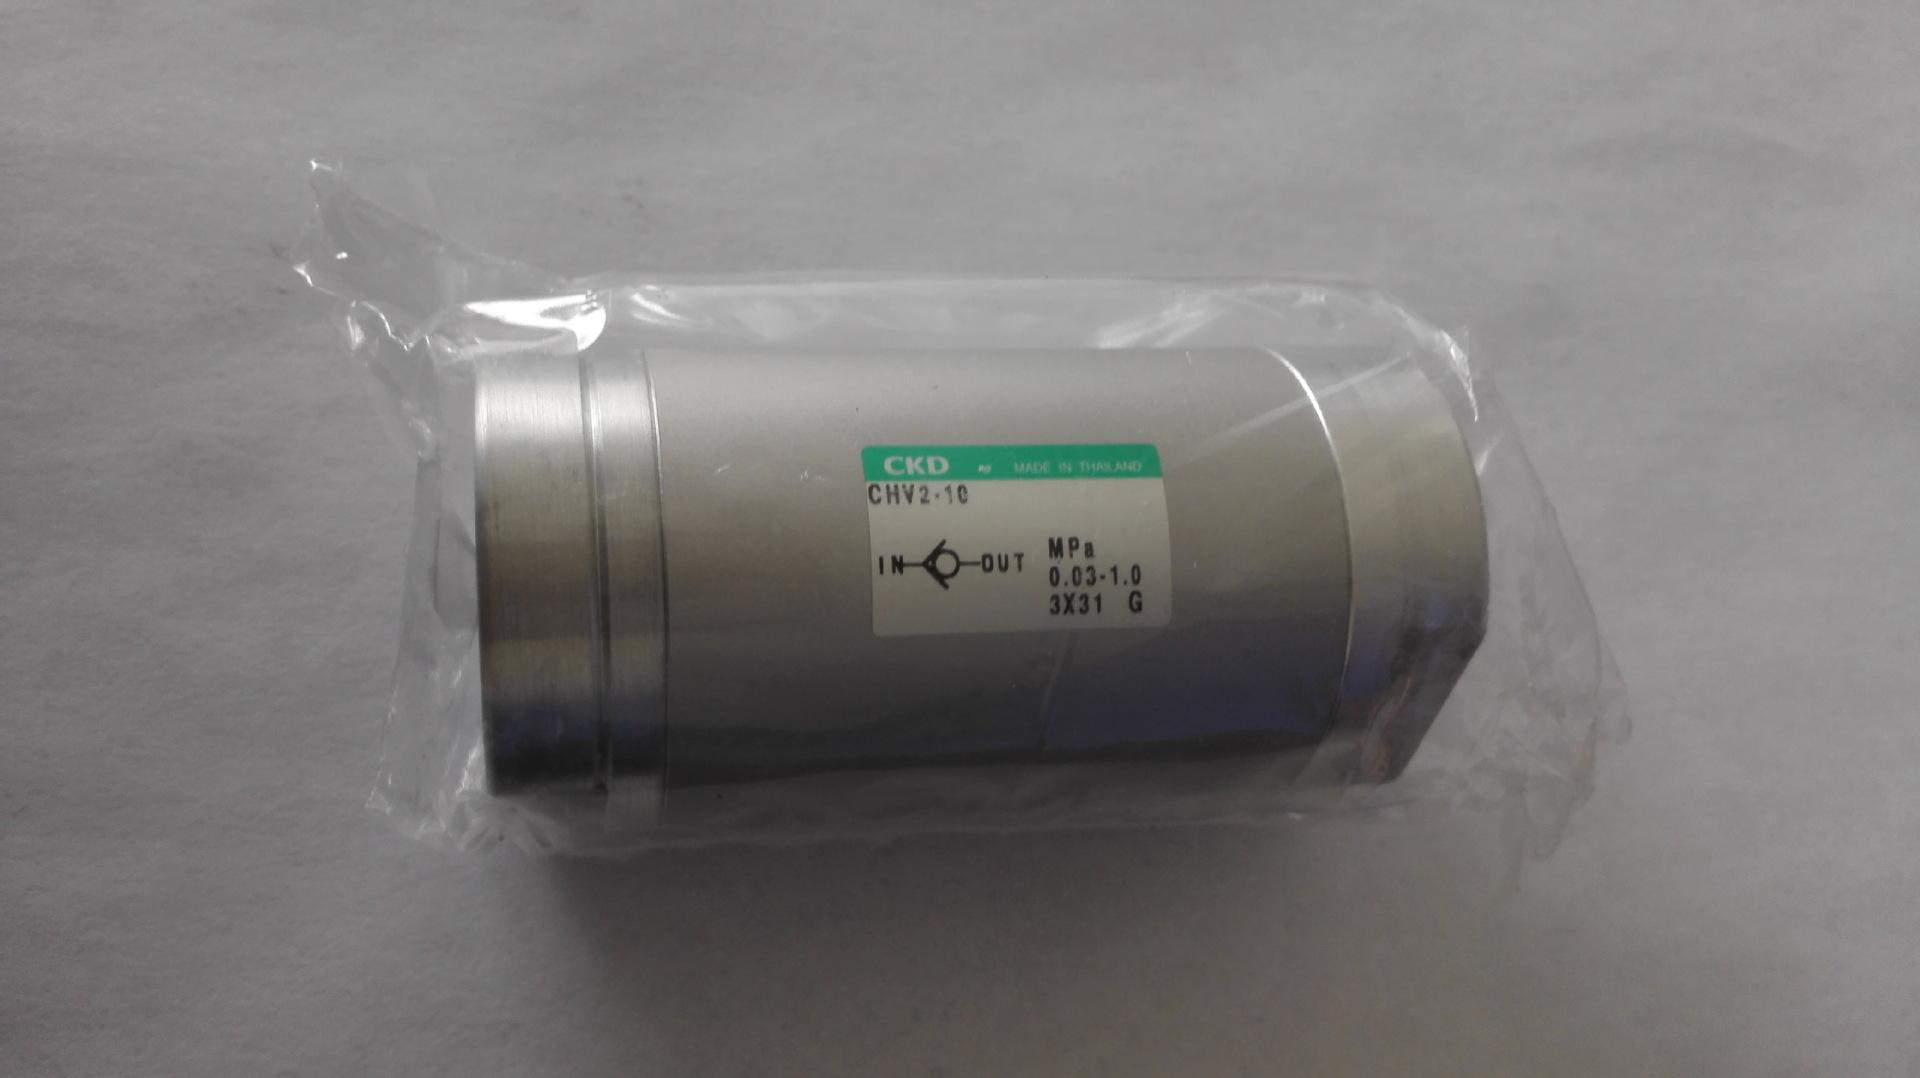 气动元件 日本 CKD 单向阀 CHV2-10 正品 日本进口